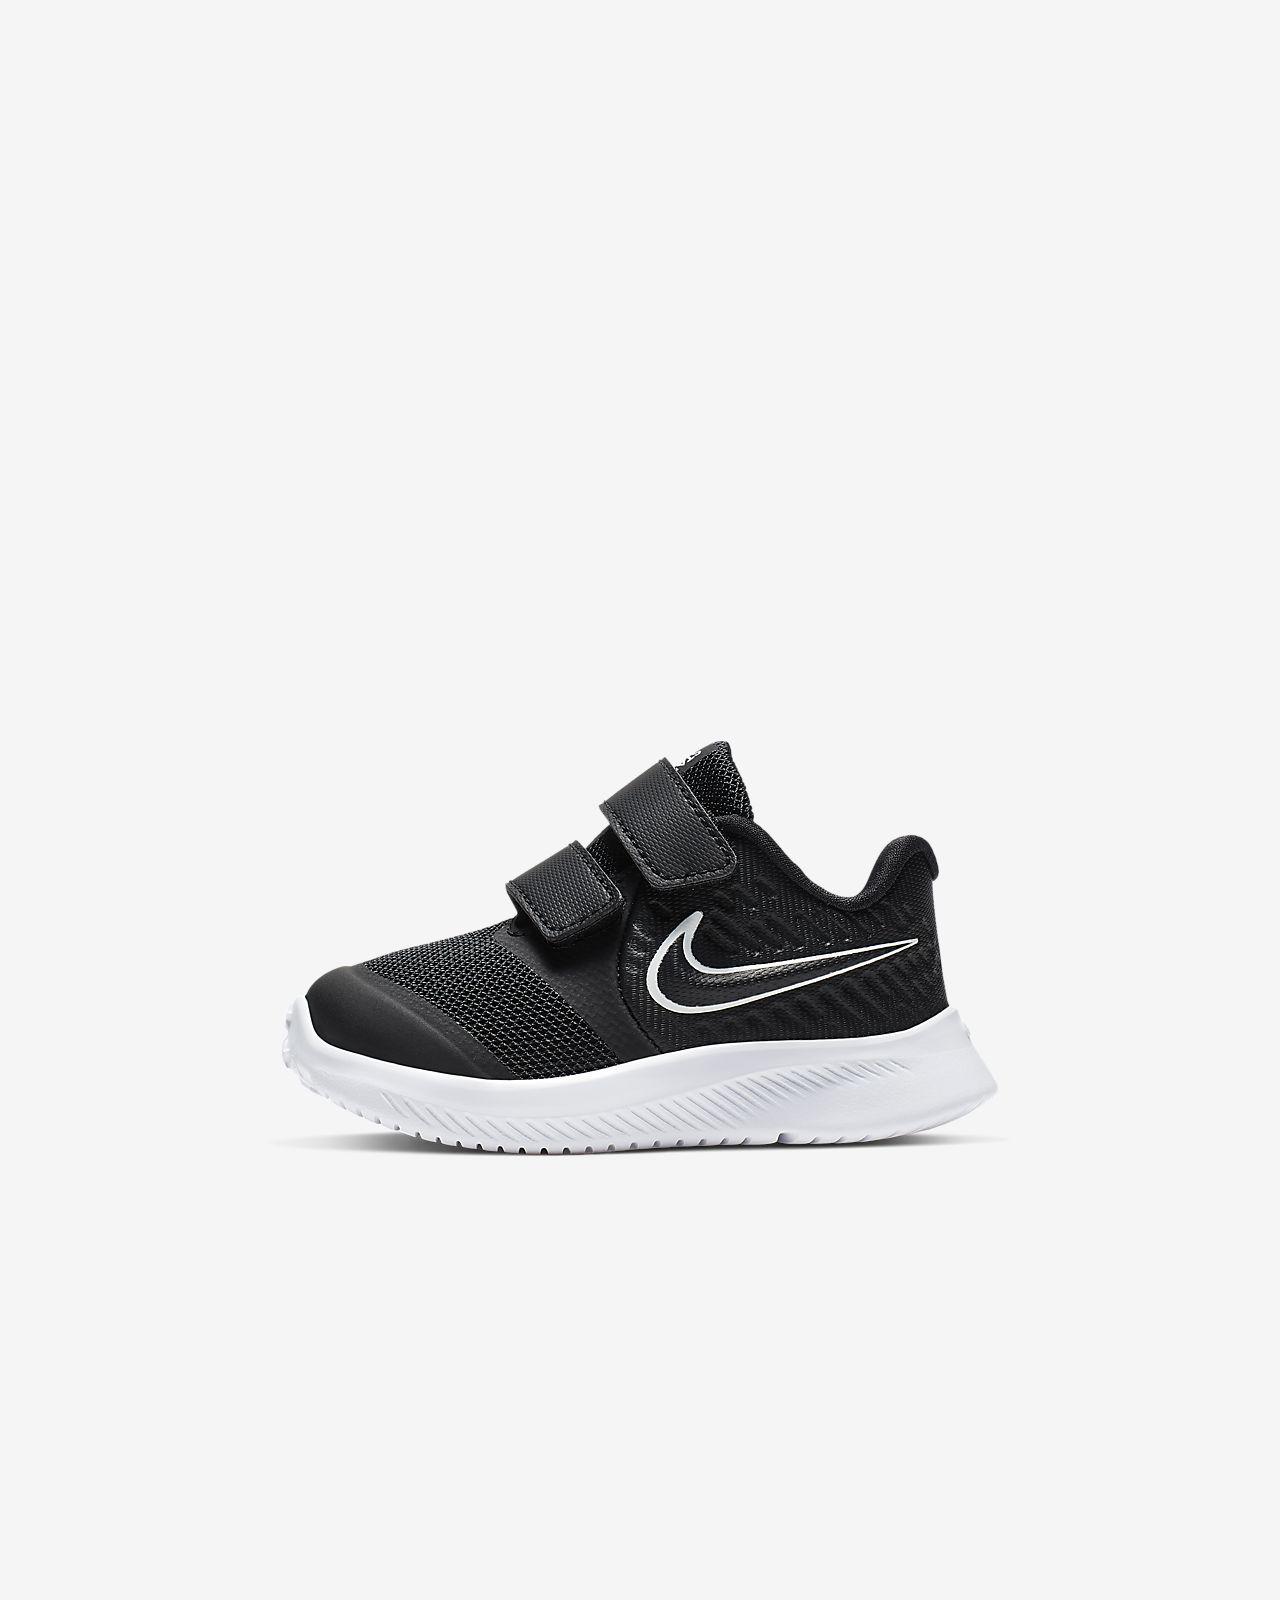 Chaussure Nike Star Runner 2 pour BébéPetit enfant